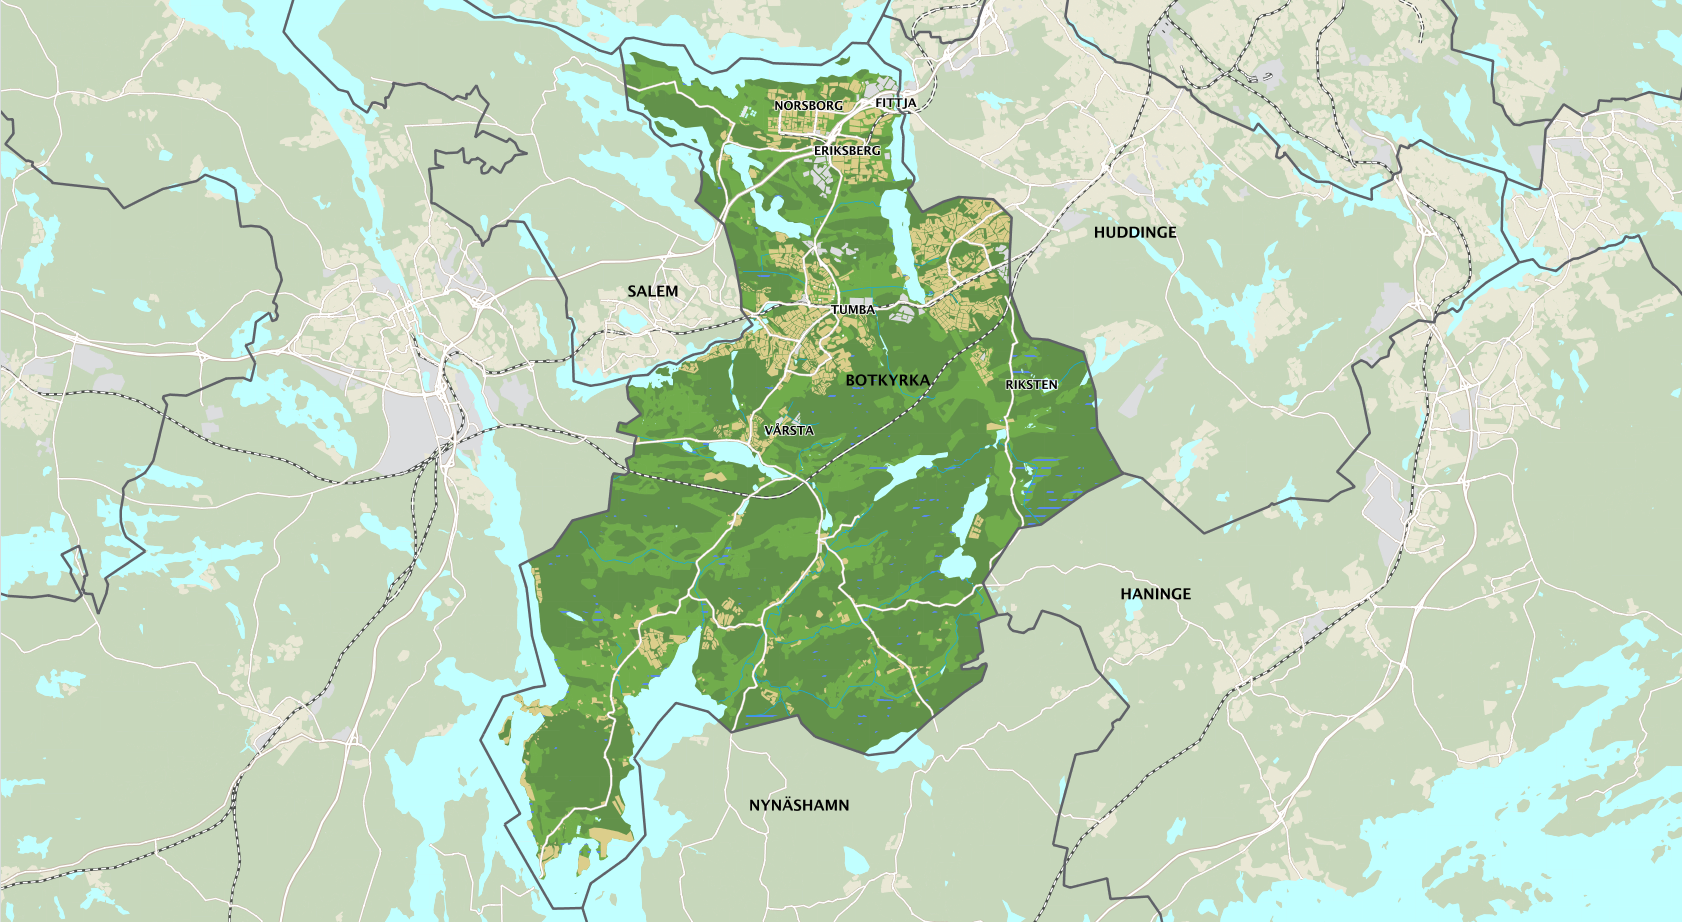 Webbkarta - Botkyrka kommuns externa webbkarta